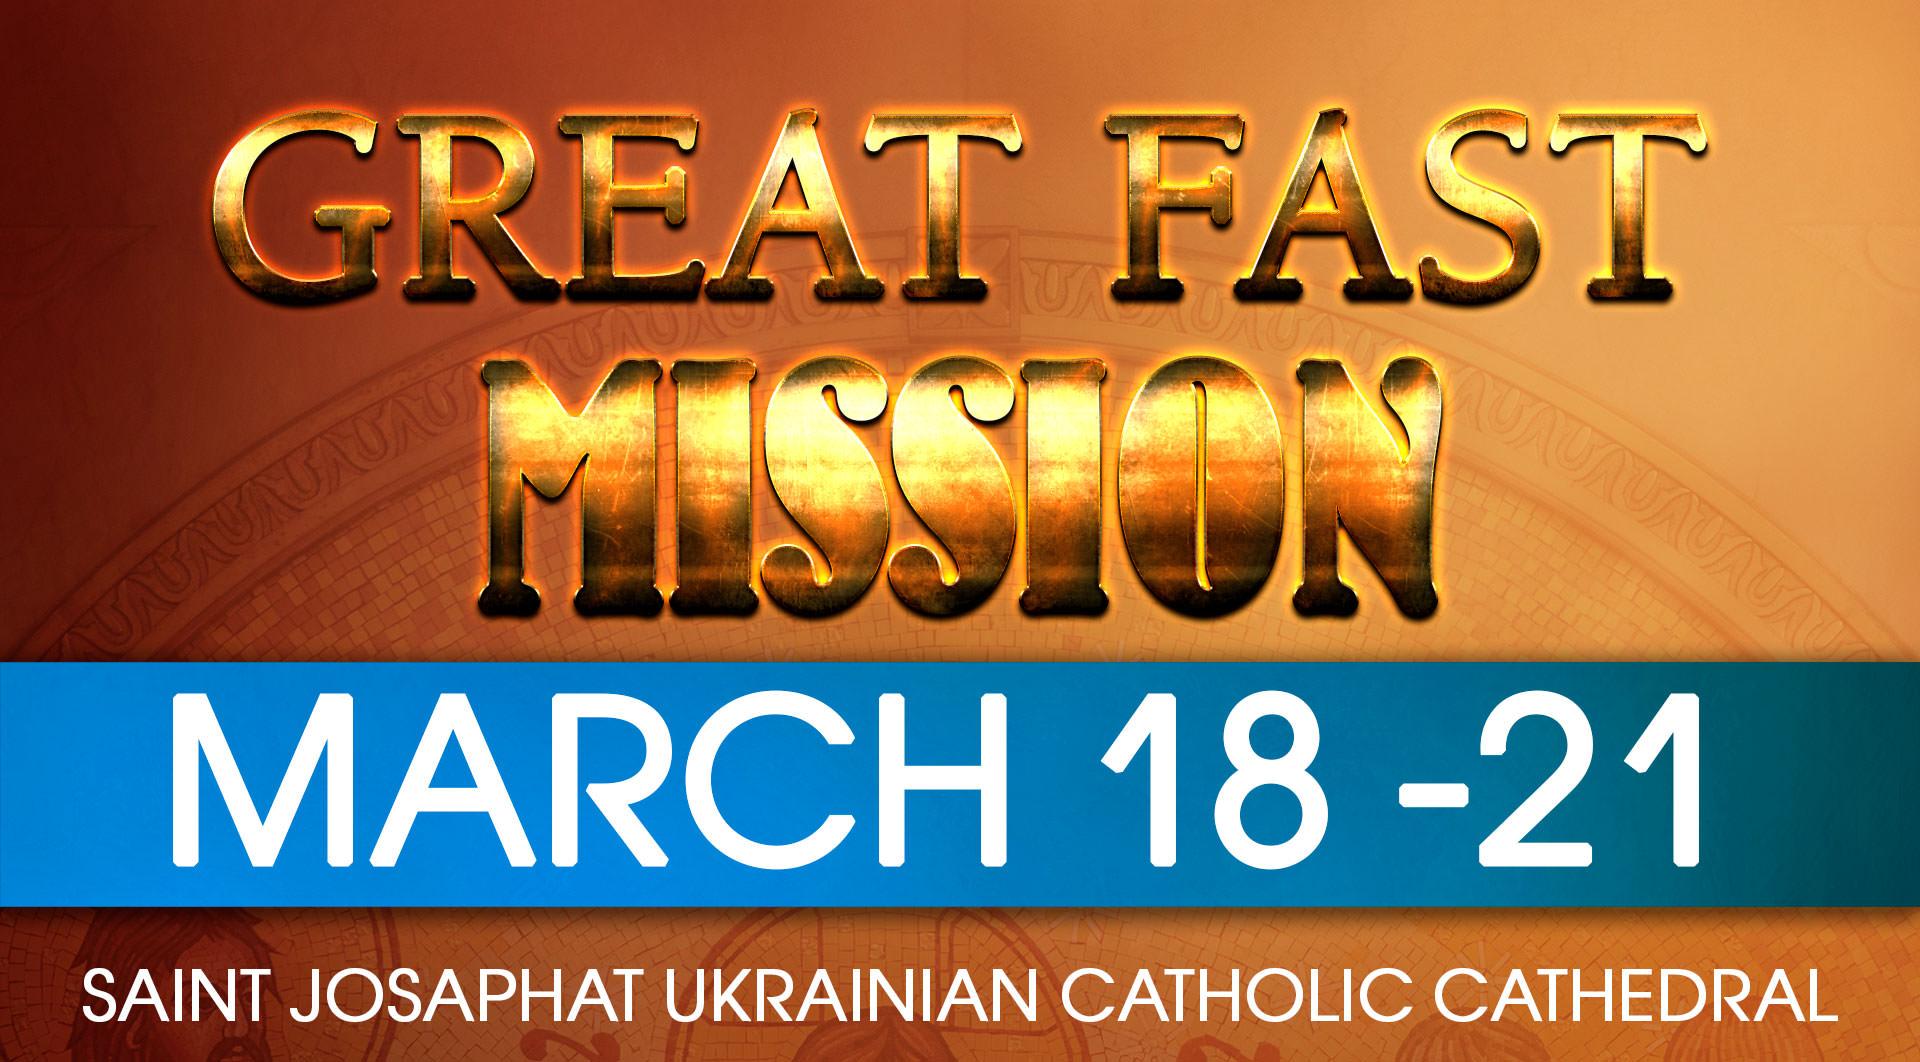 Saint Josaphat Cathedral Lenten Mission – March 18-21, 2021